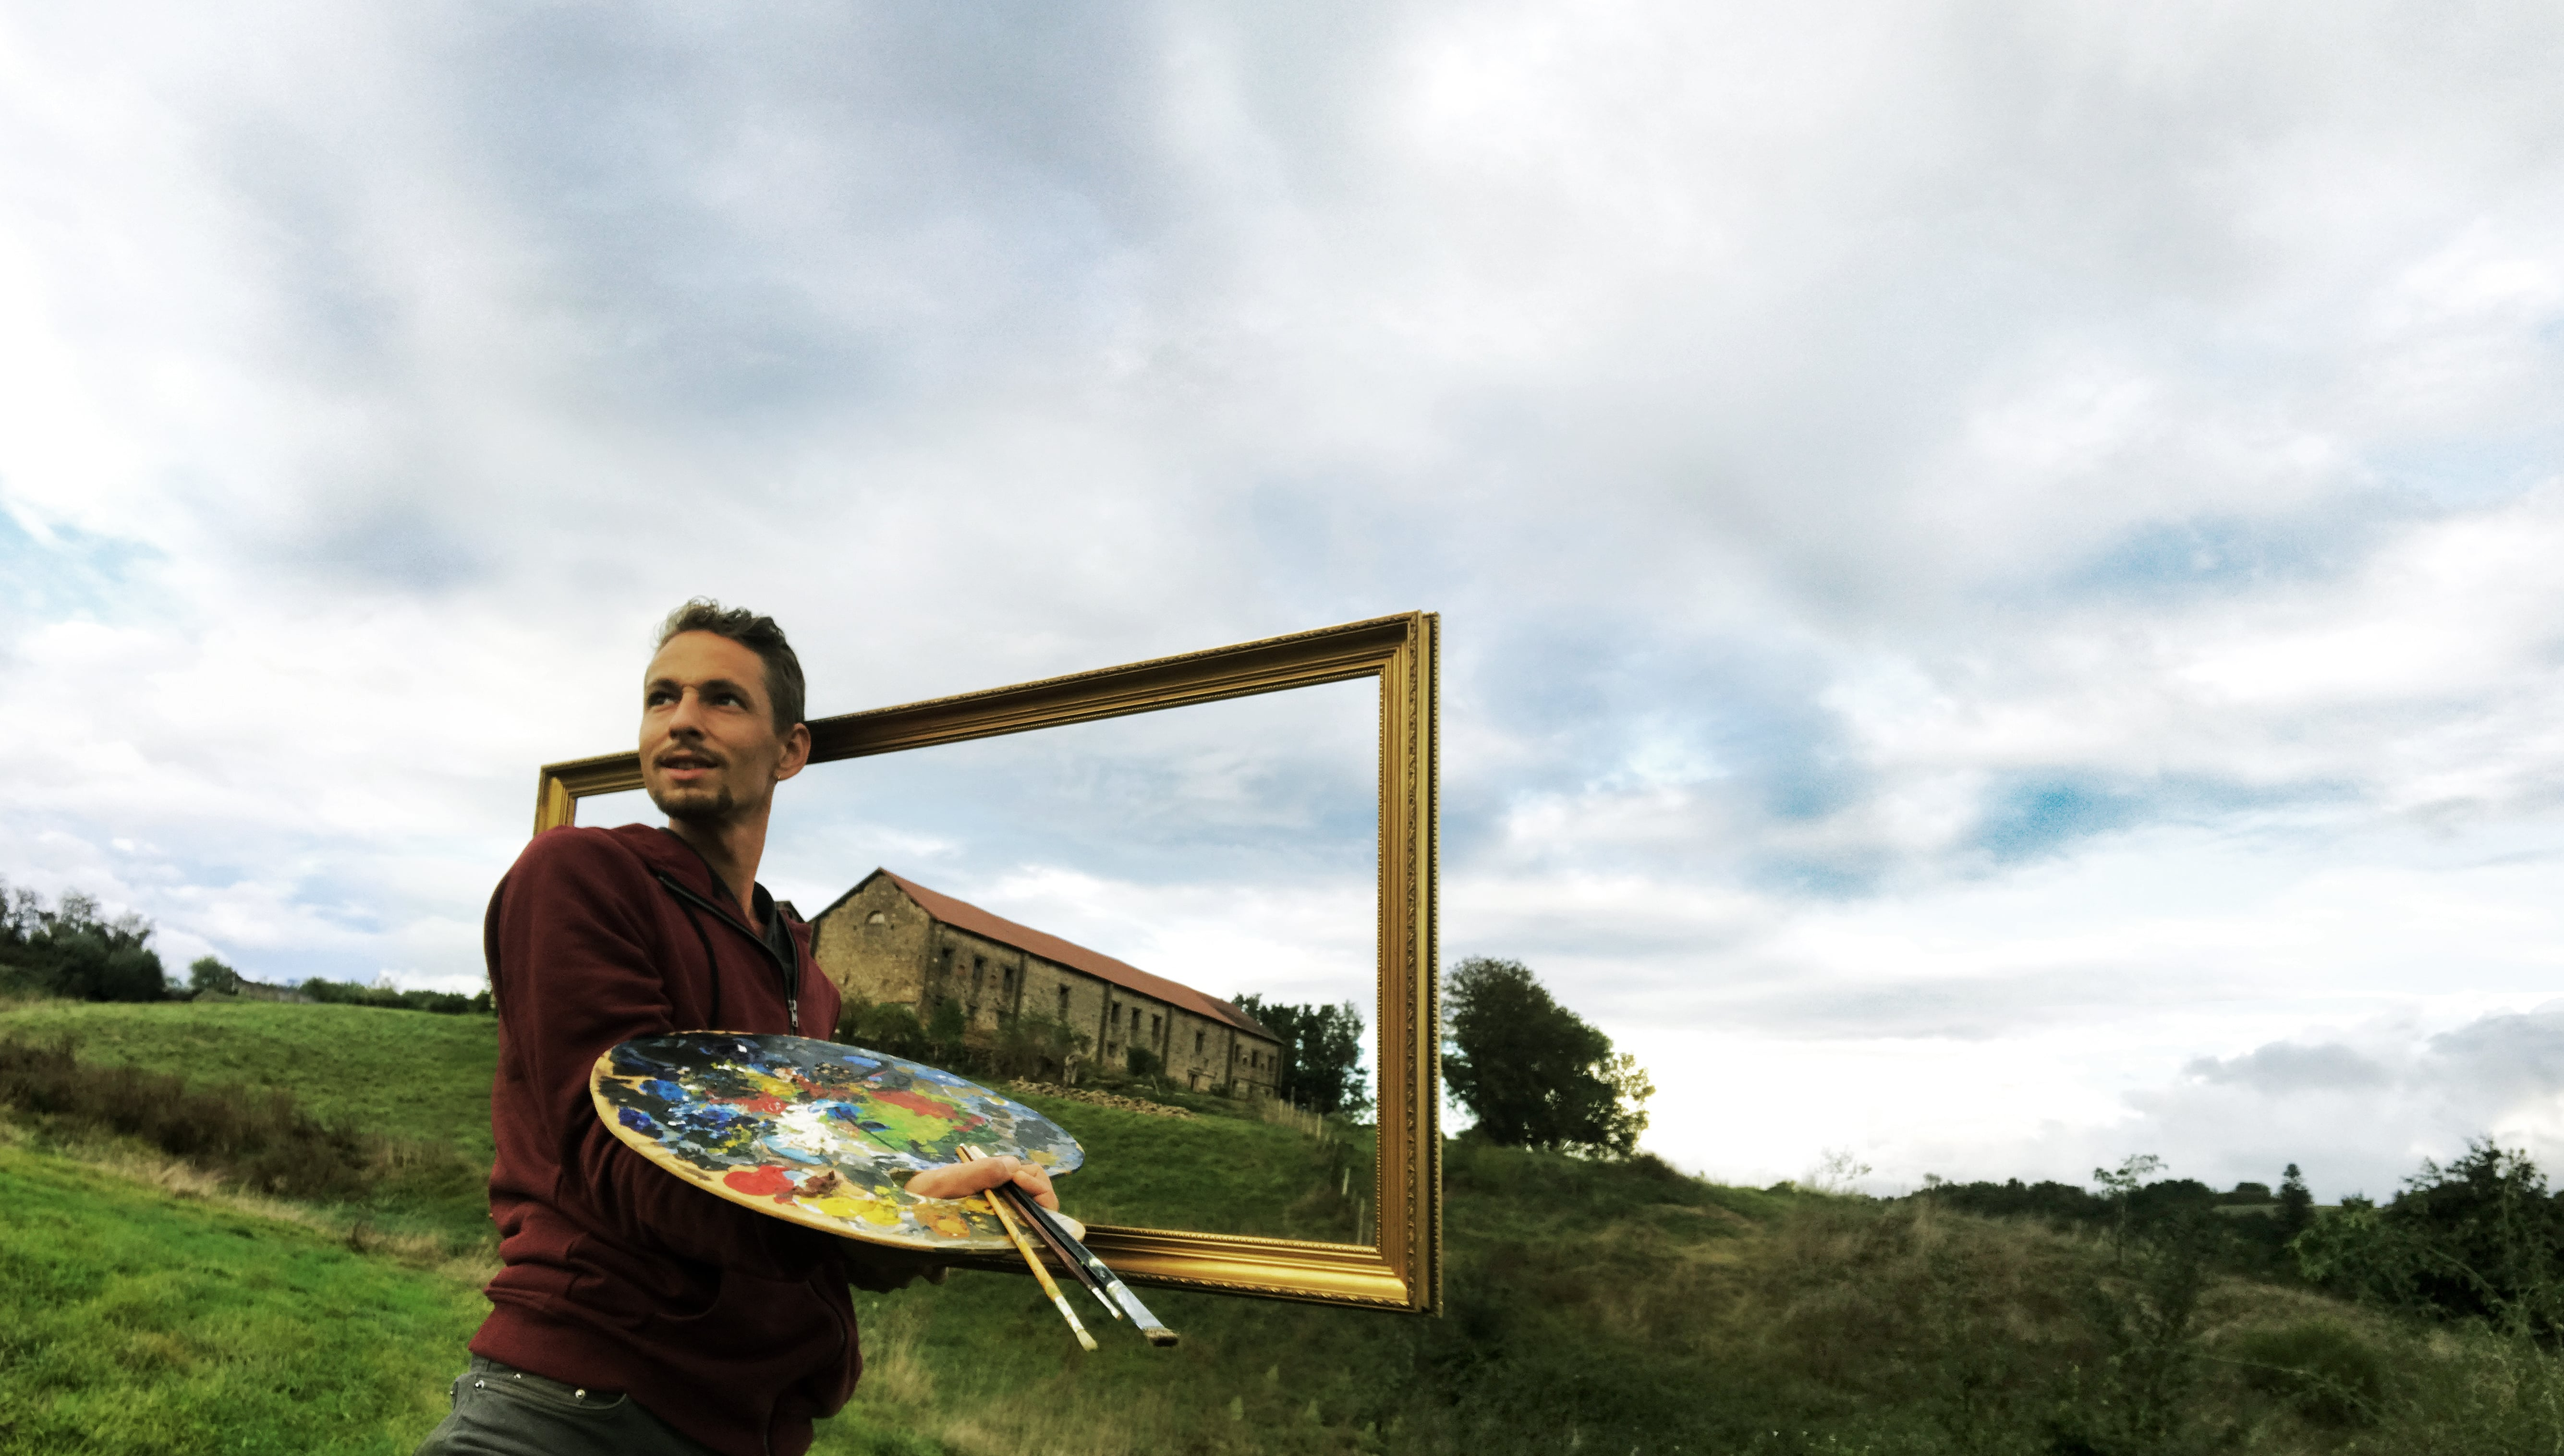 Kunstenaar Thijme Termaat: La fabrique artistique